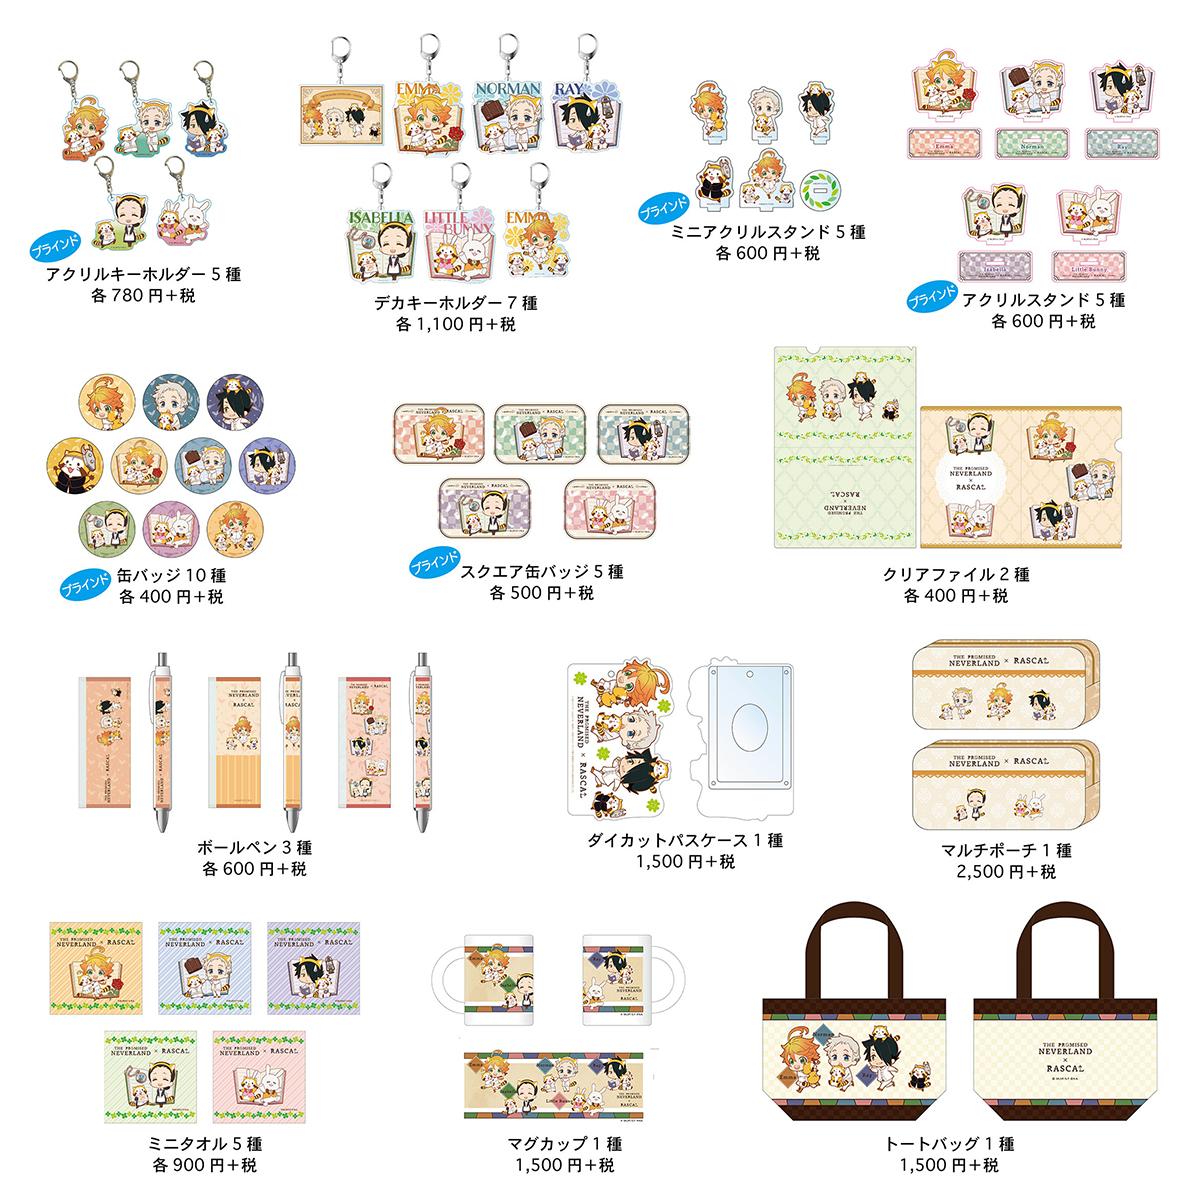 201214_goods.jpg